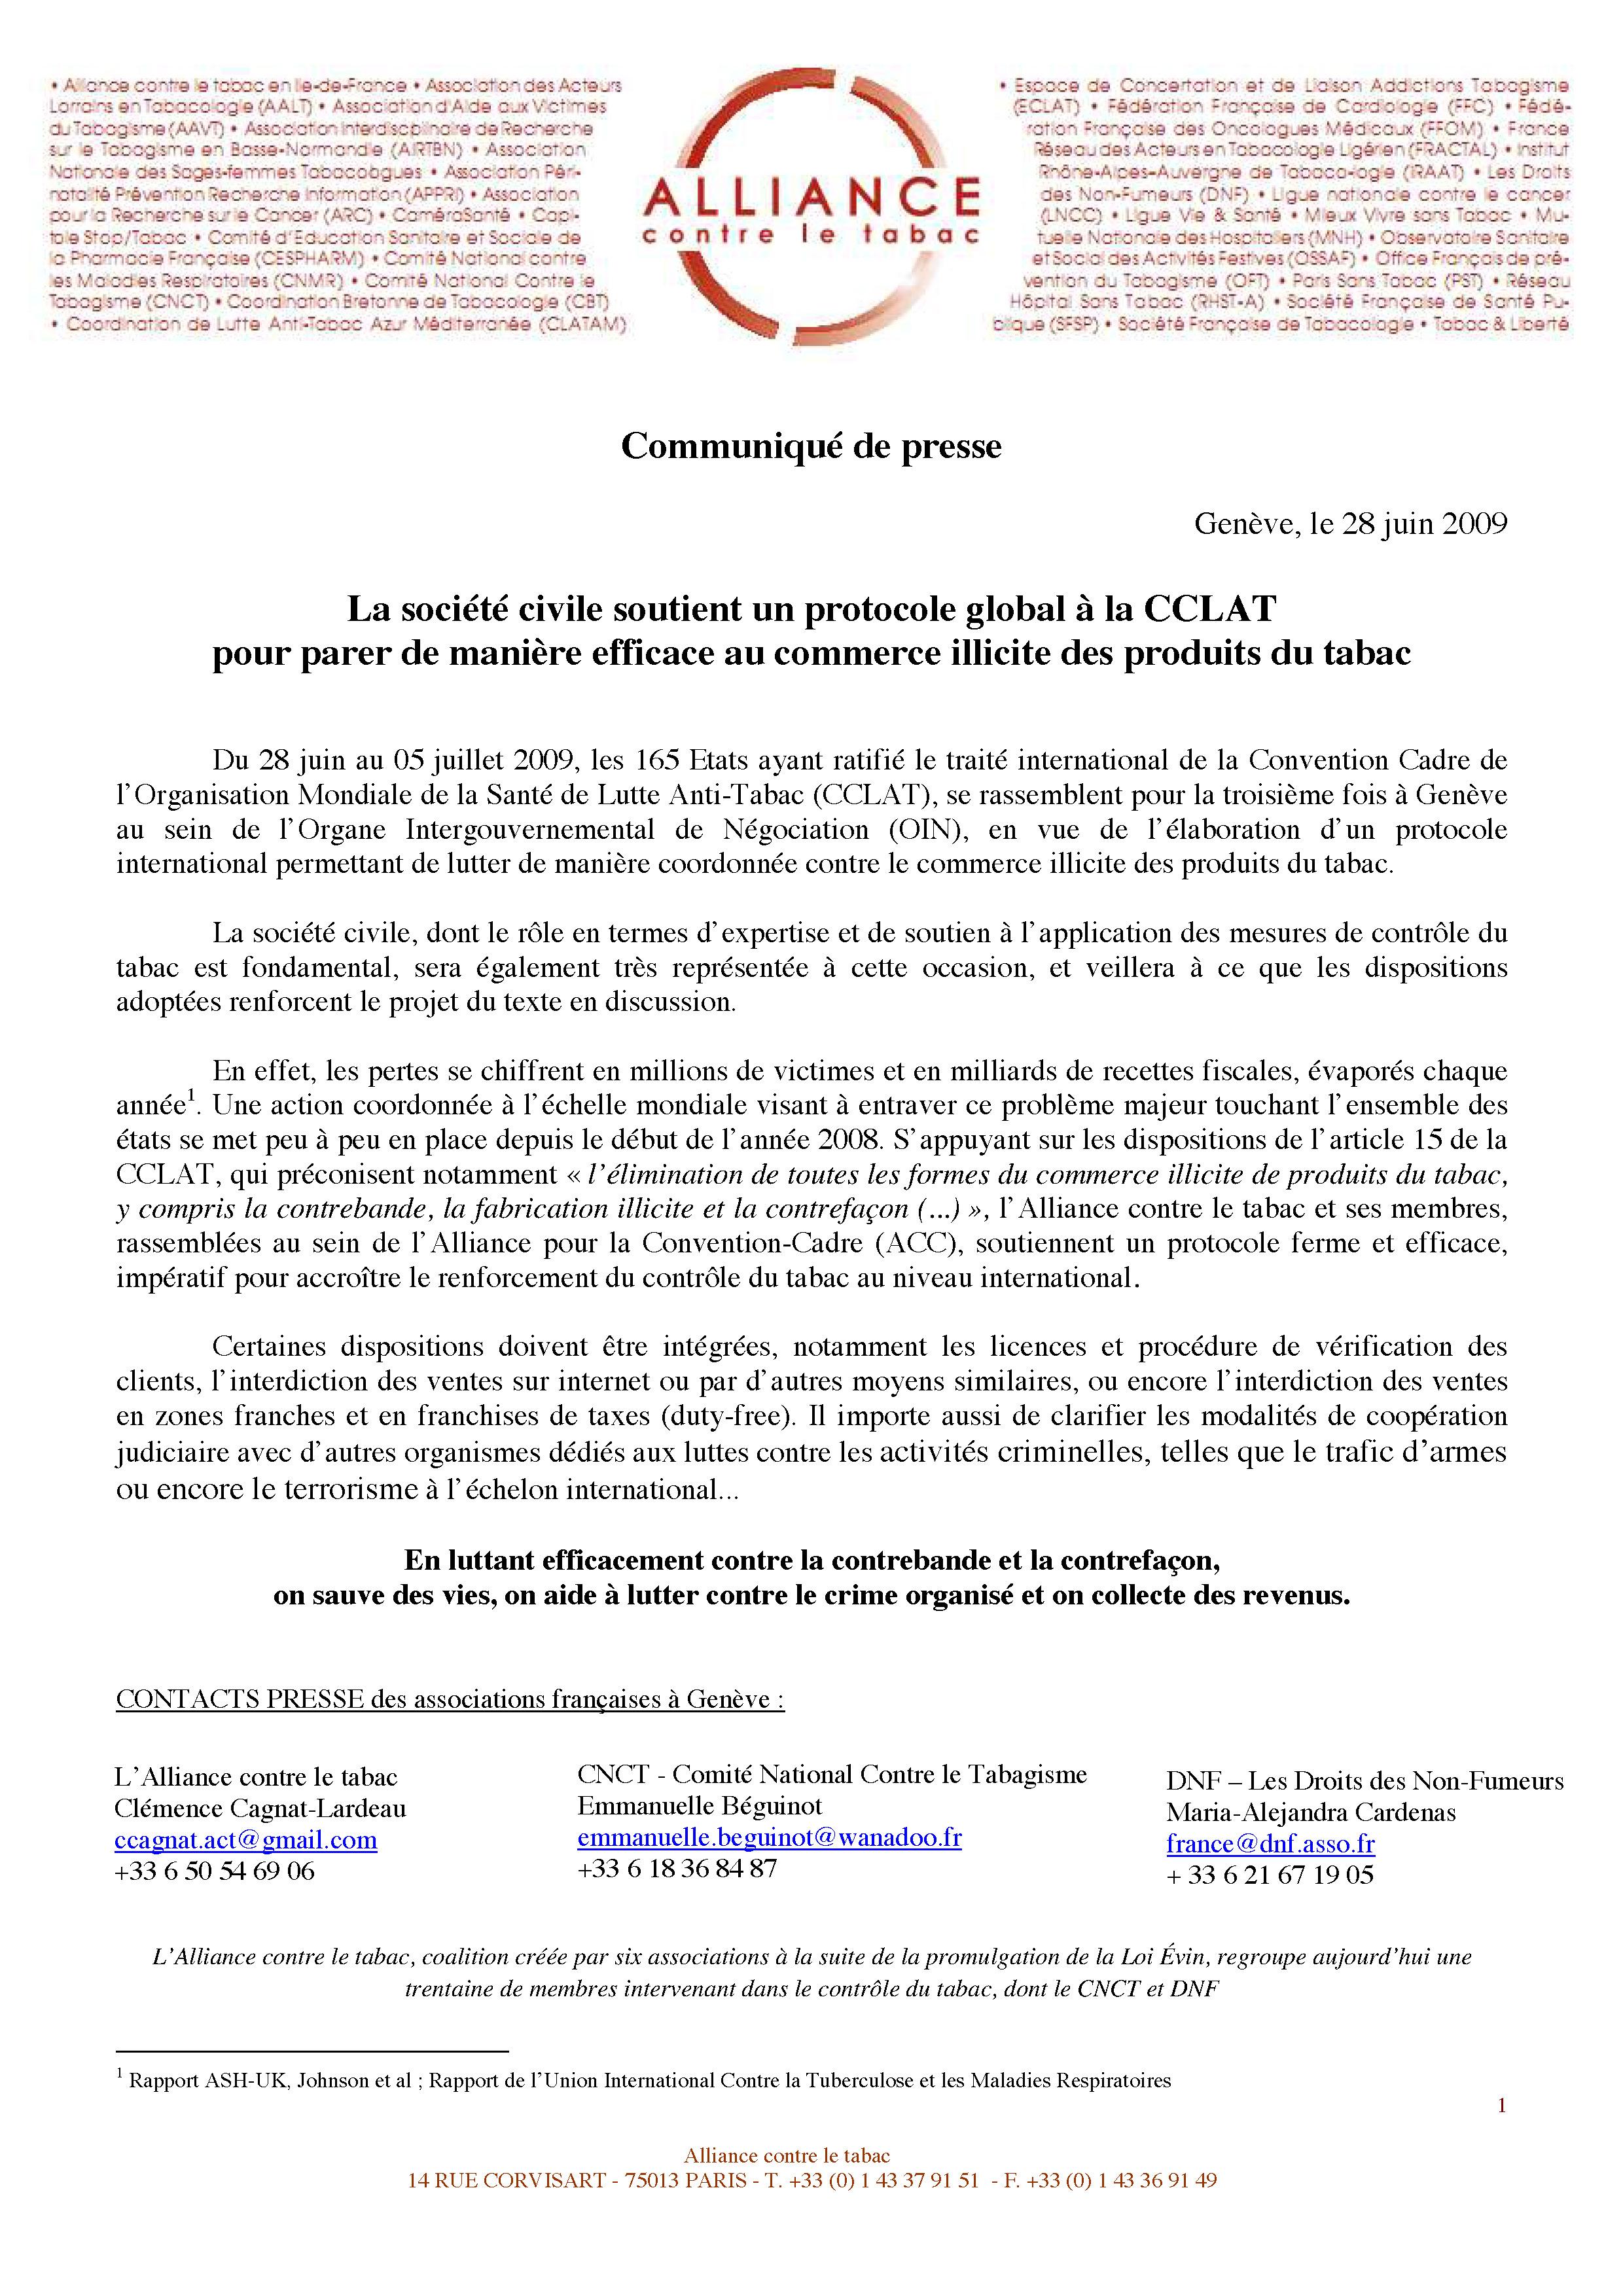 Alliance-CP_oin3-elaboration-d-un-protocole-sur-le-commerce-illicite-des-produits-du-tabac-28juin2009.jpg